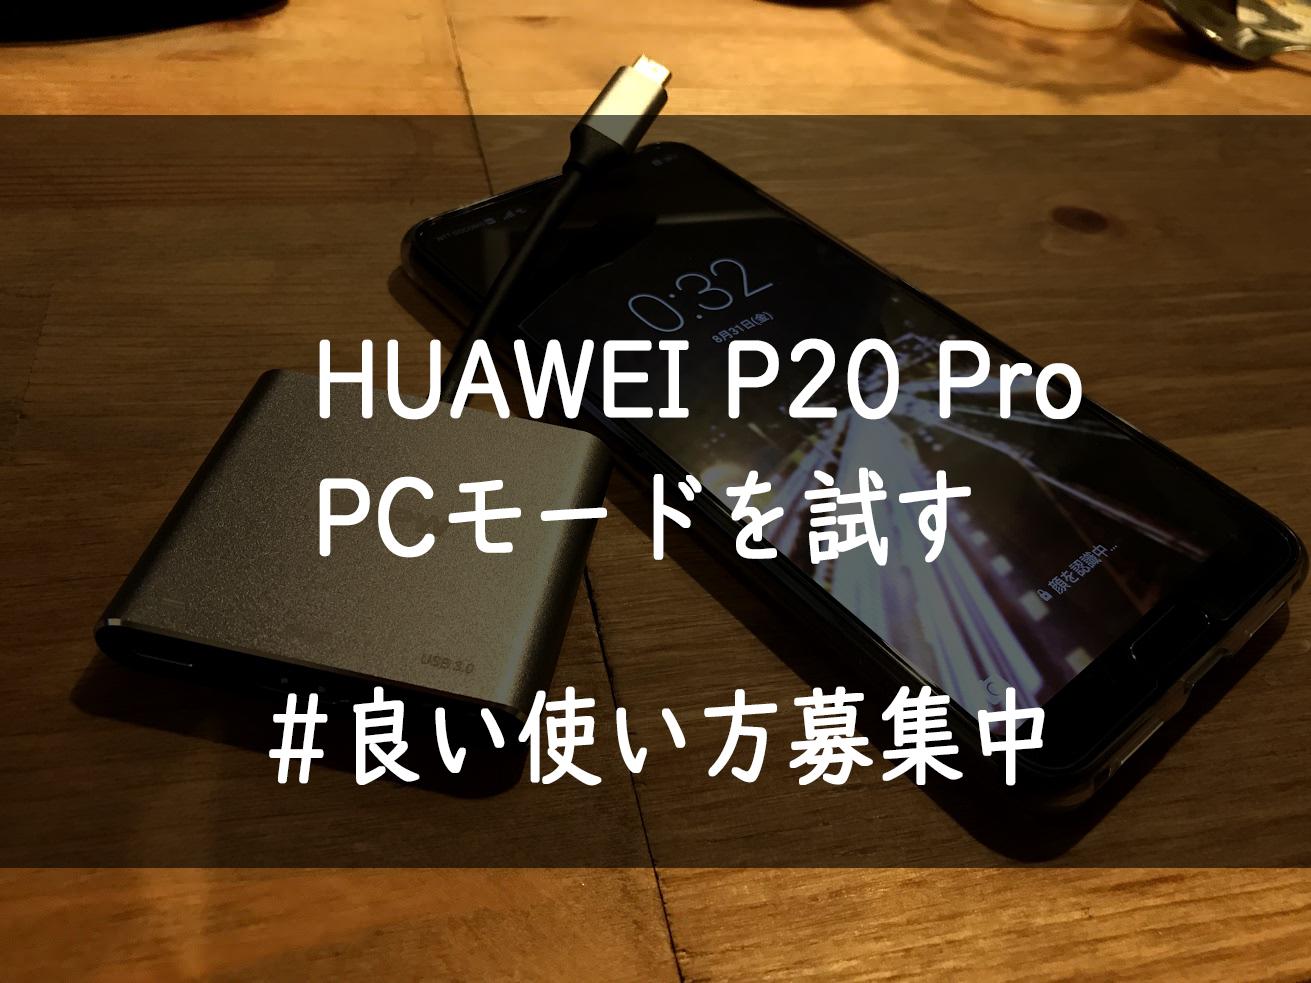 HUAWEI P20 ProのPCモードで何ができる?使い方と使用感についてレビュー